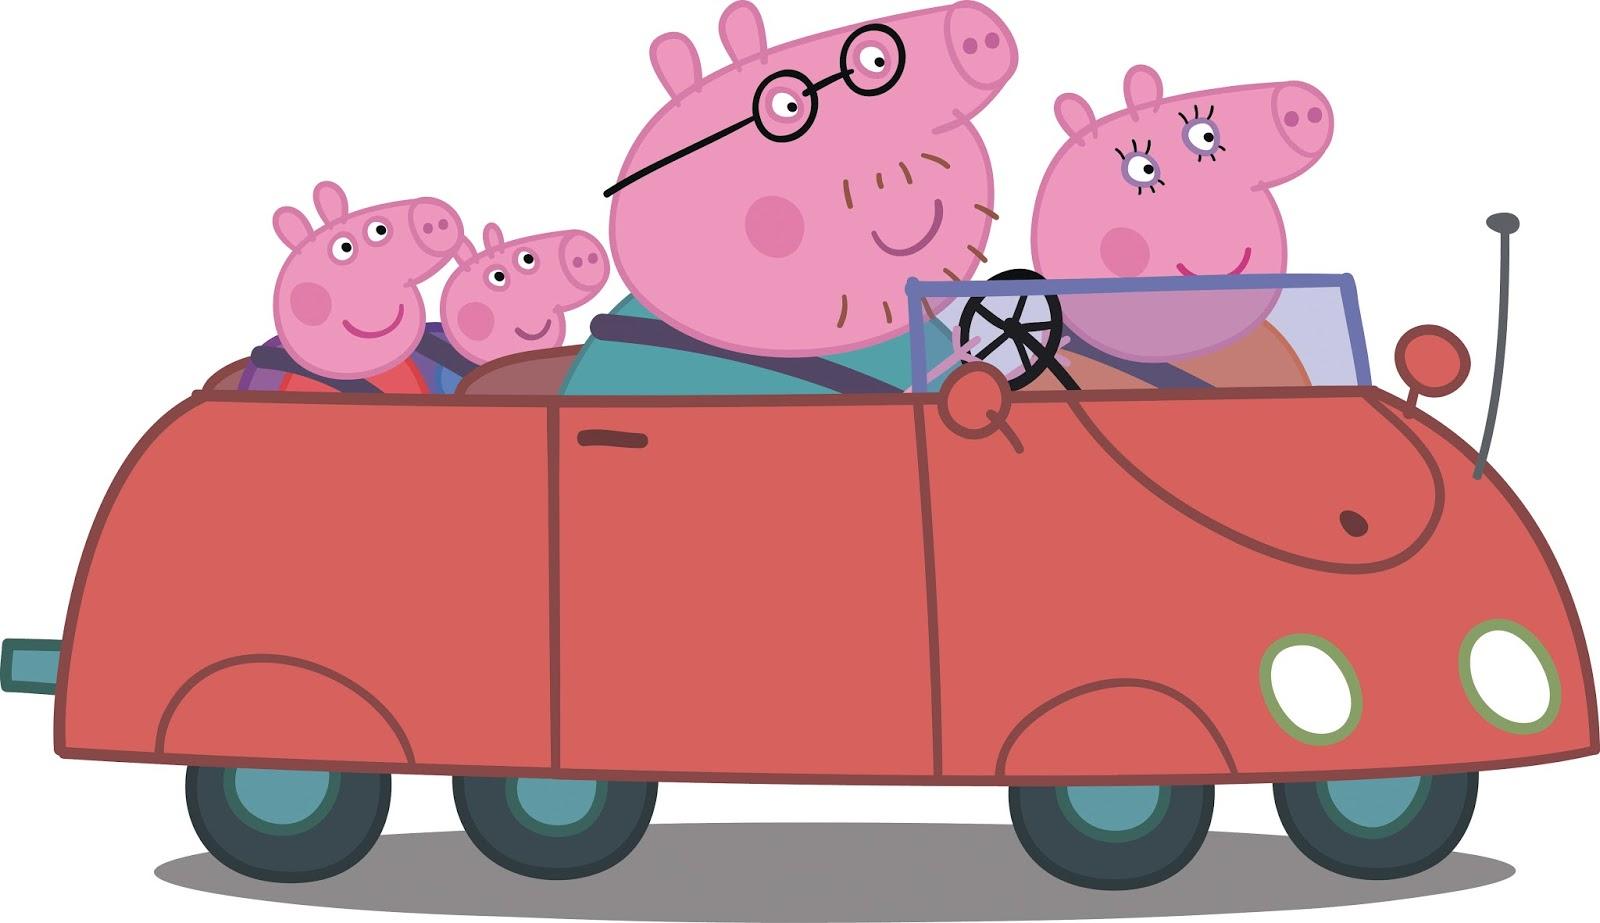 disney hd wallpapers peppa pig hd wallpapers free peppa pig clips free peppa pig clips